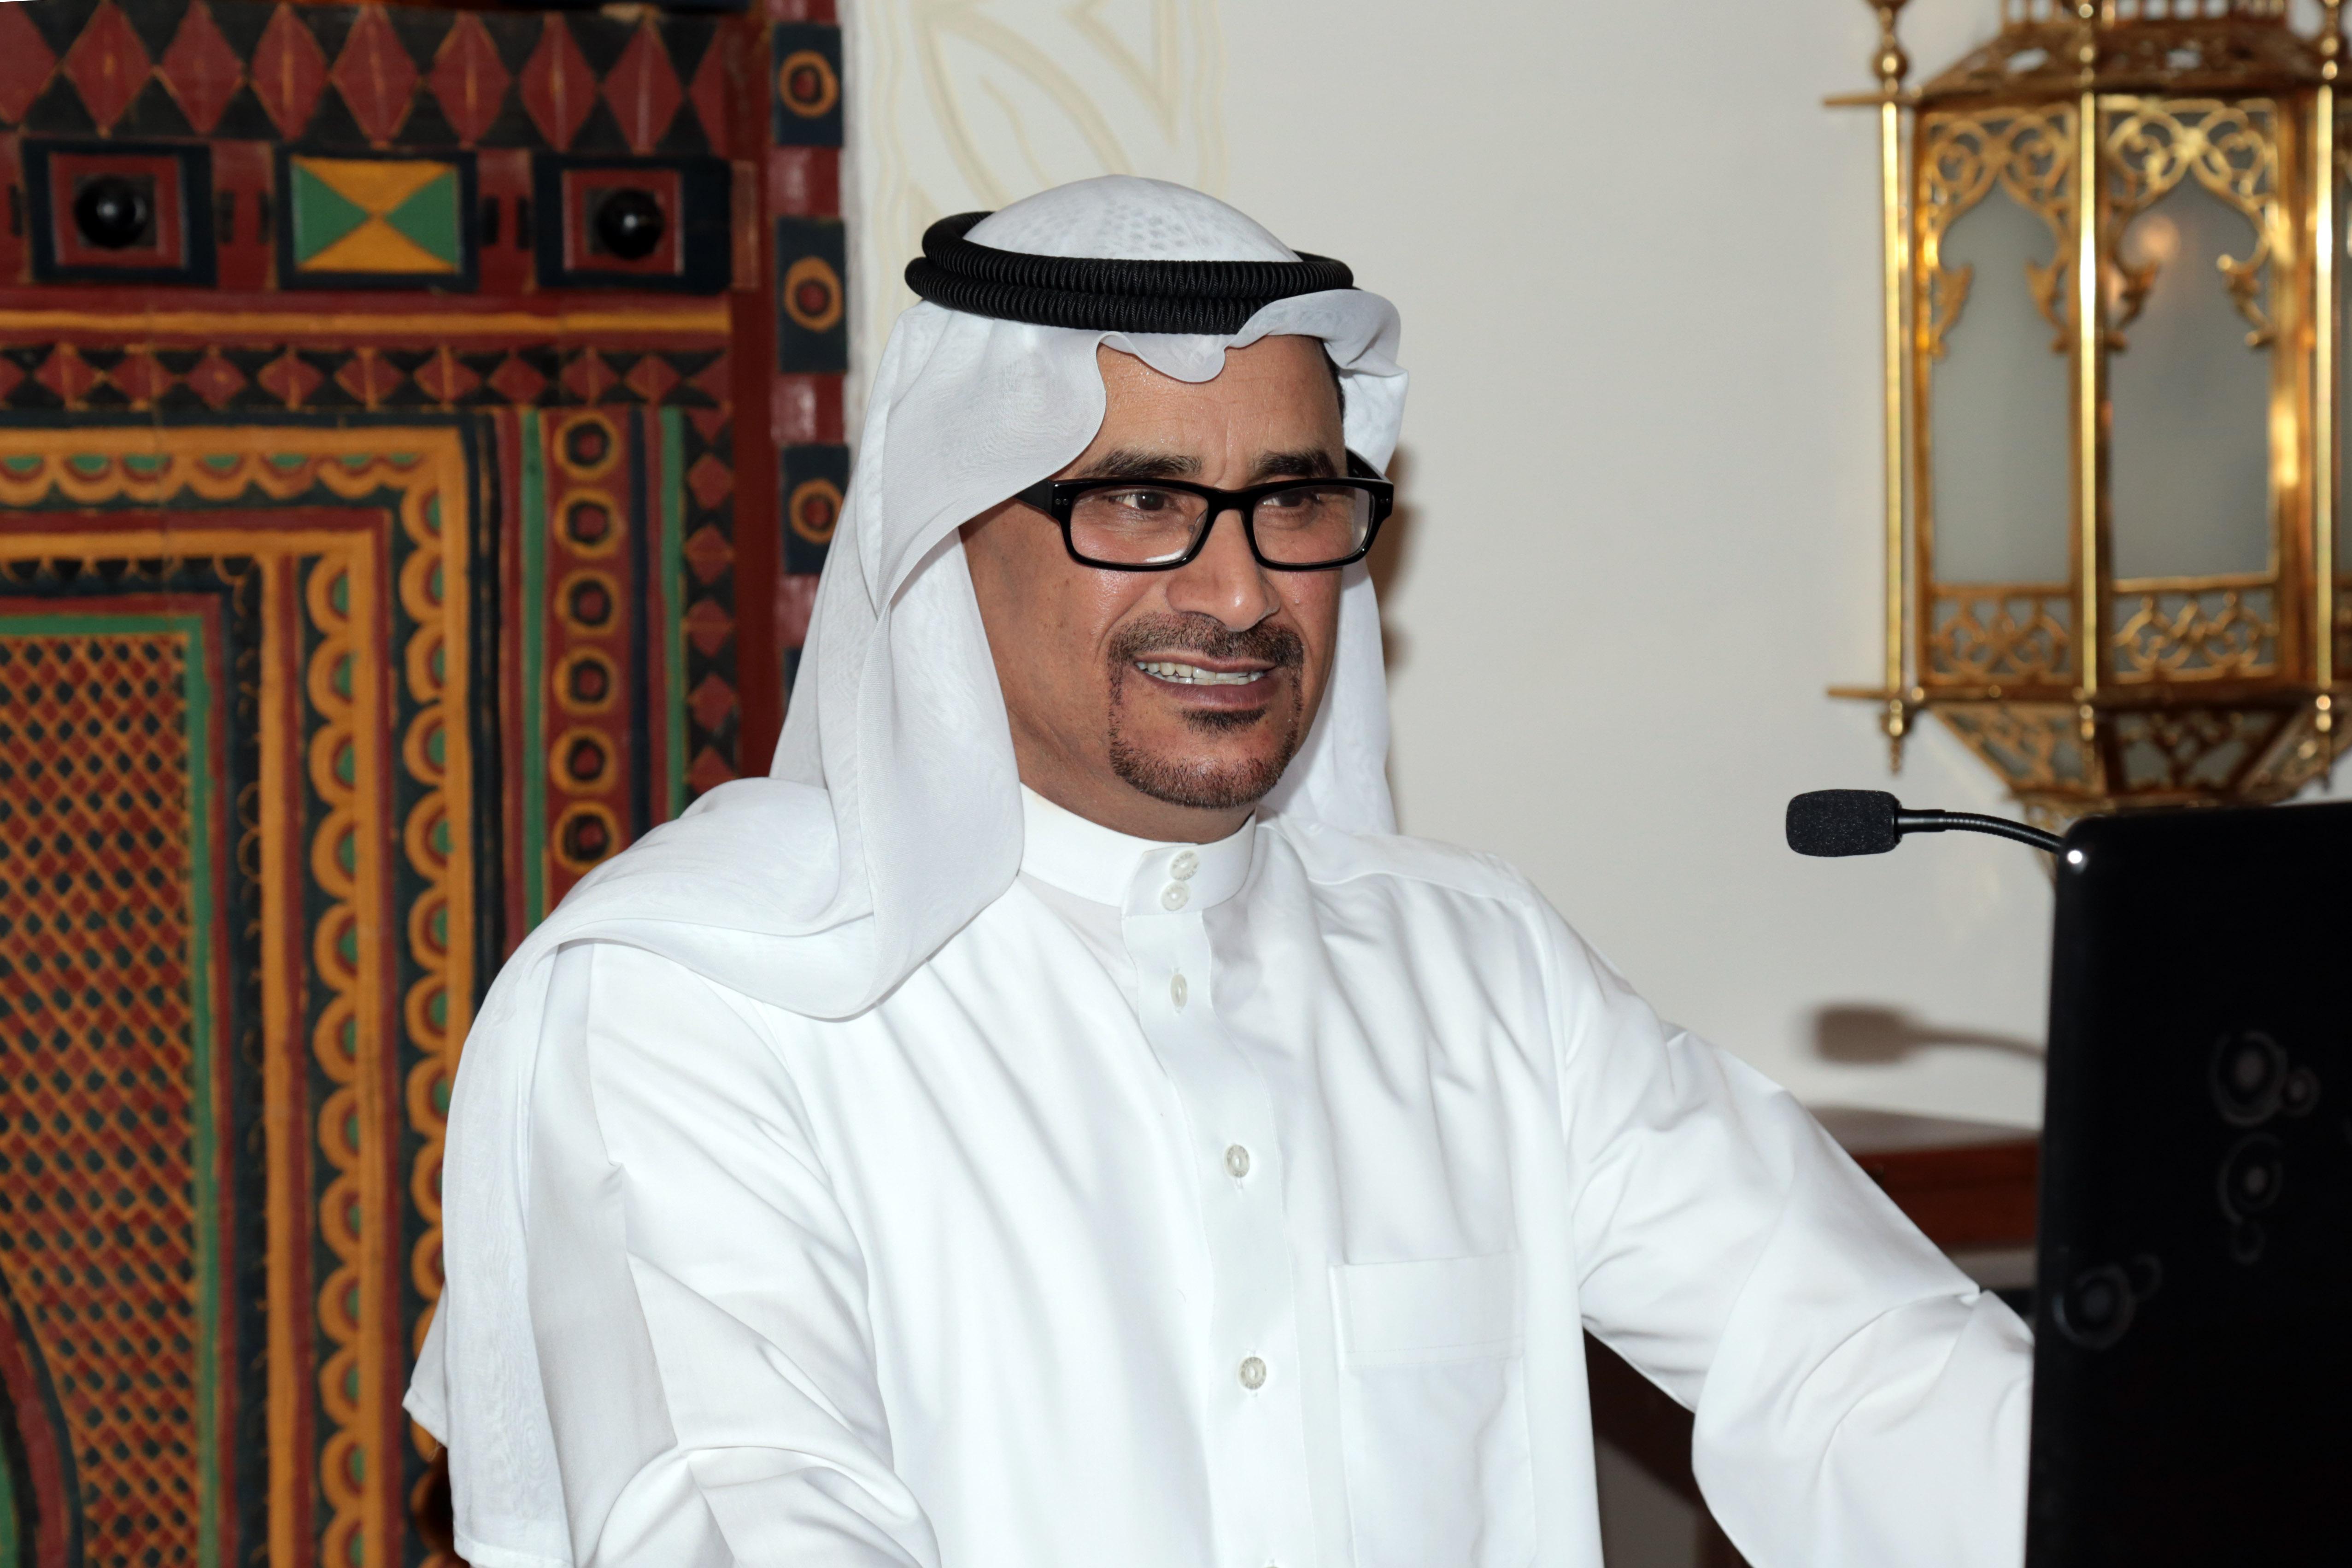 متخصص بالطب المهني: آلام الظهر.. ذريعة السعوديين للحصول على إجازة! - المواطن